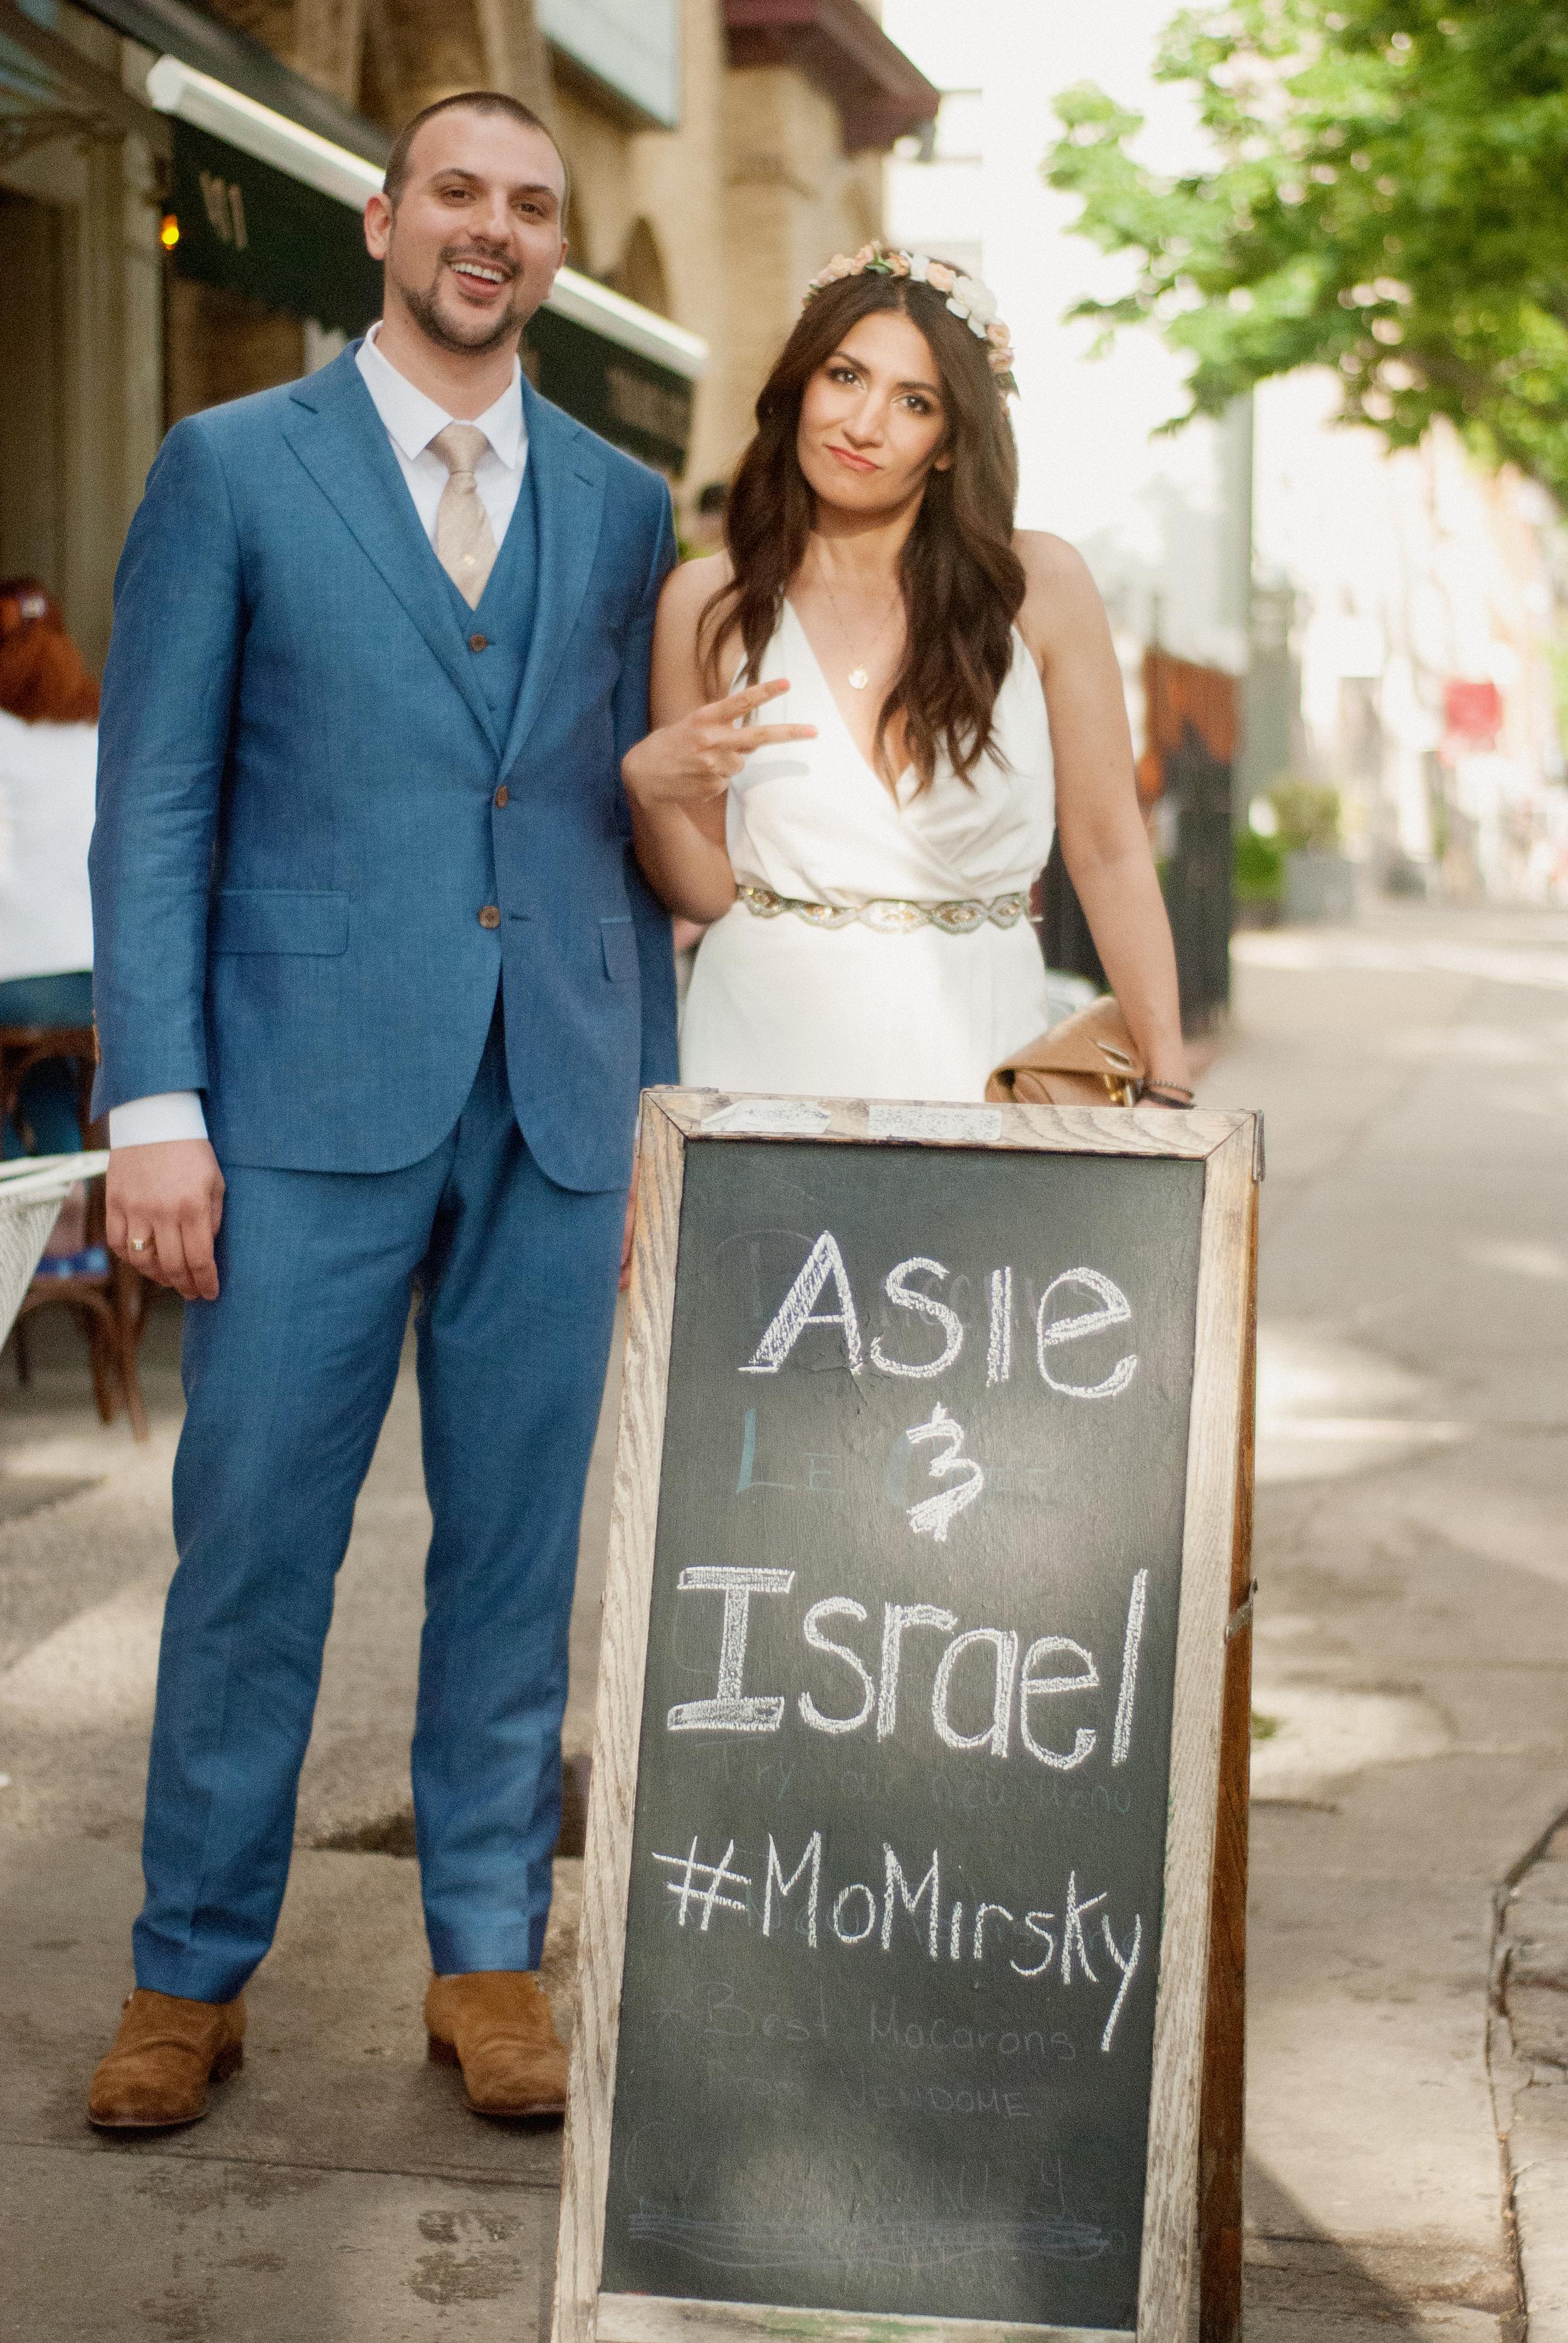 Asie & Israel